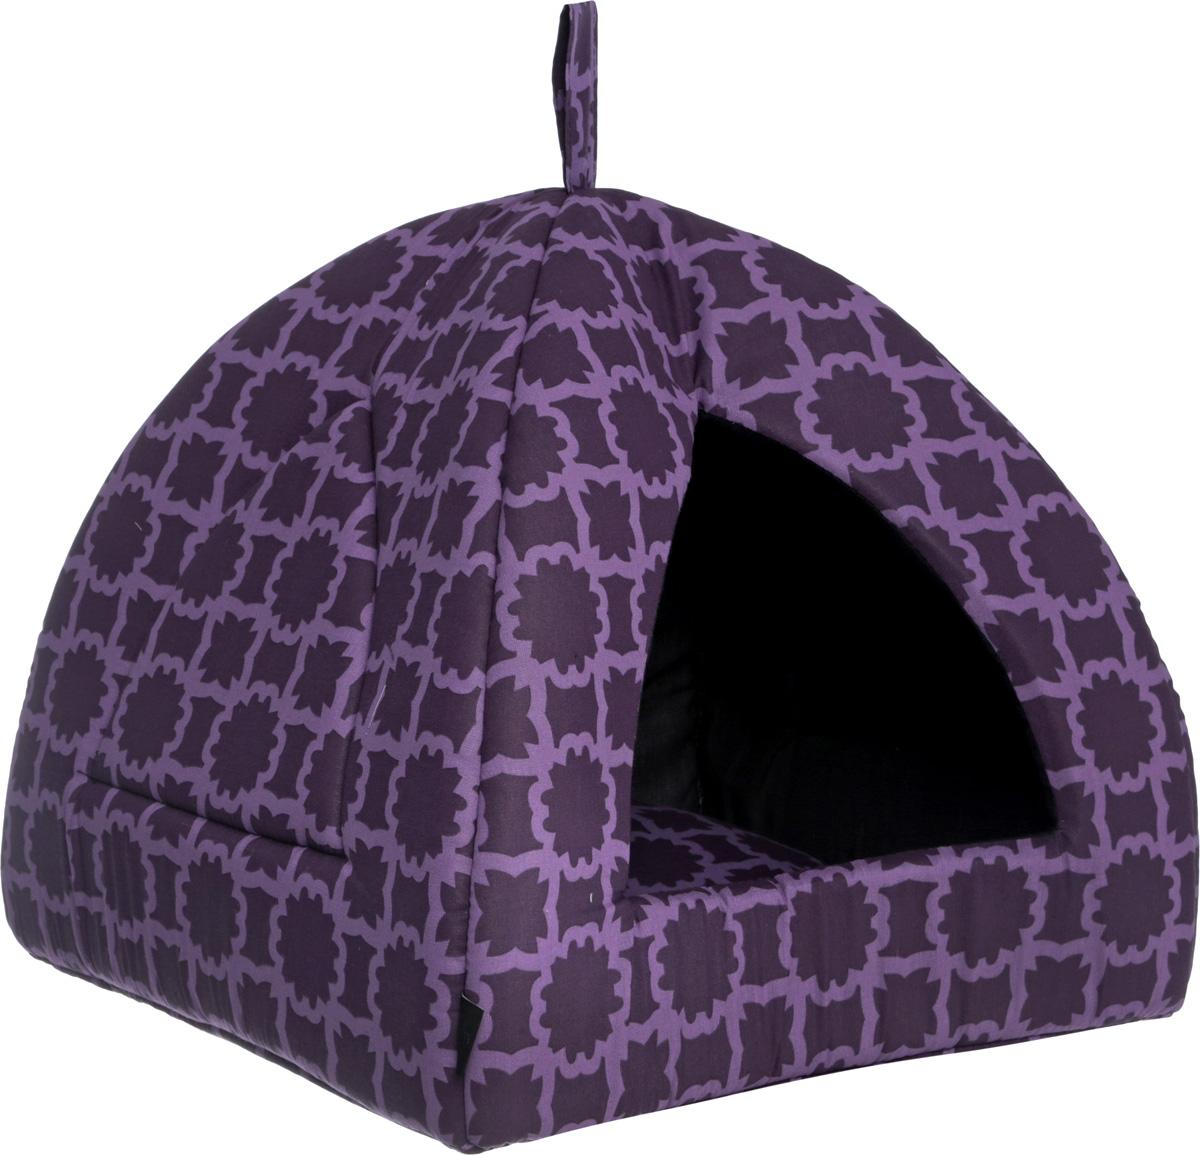 Домик для кошек и собак Гамма, цвет: фиолетовый, сиреневый, 41 см х 41 см х 46 см игрушка головоломка для собак i p t s smarty 30 см х 19 см х 2 5 см